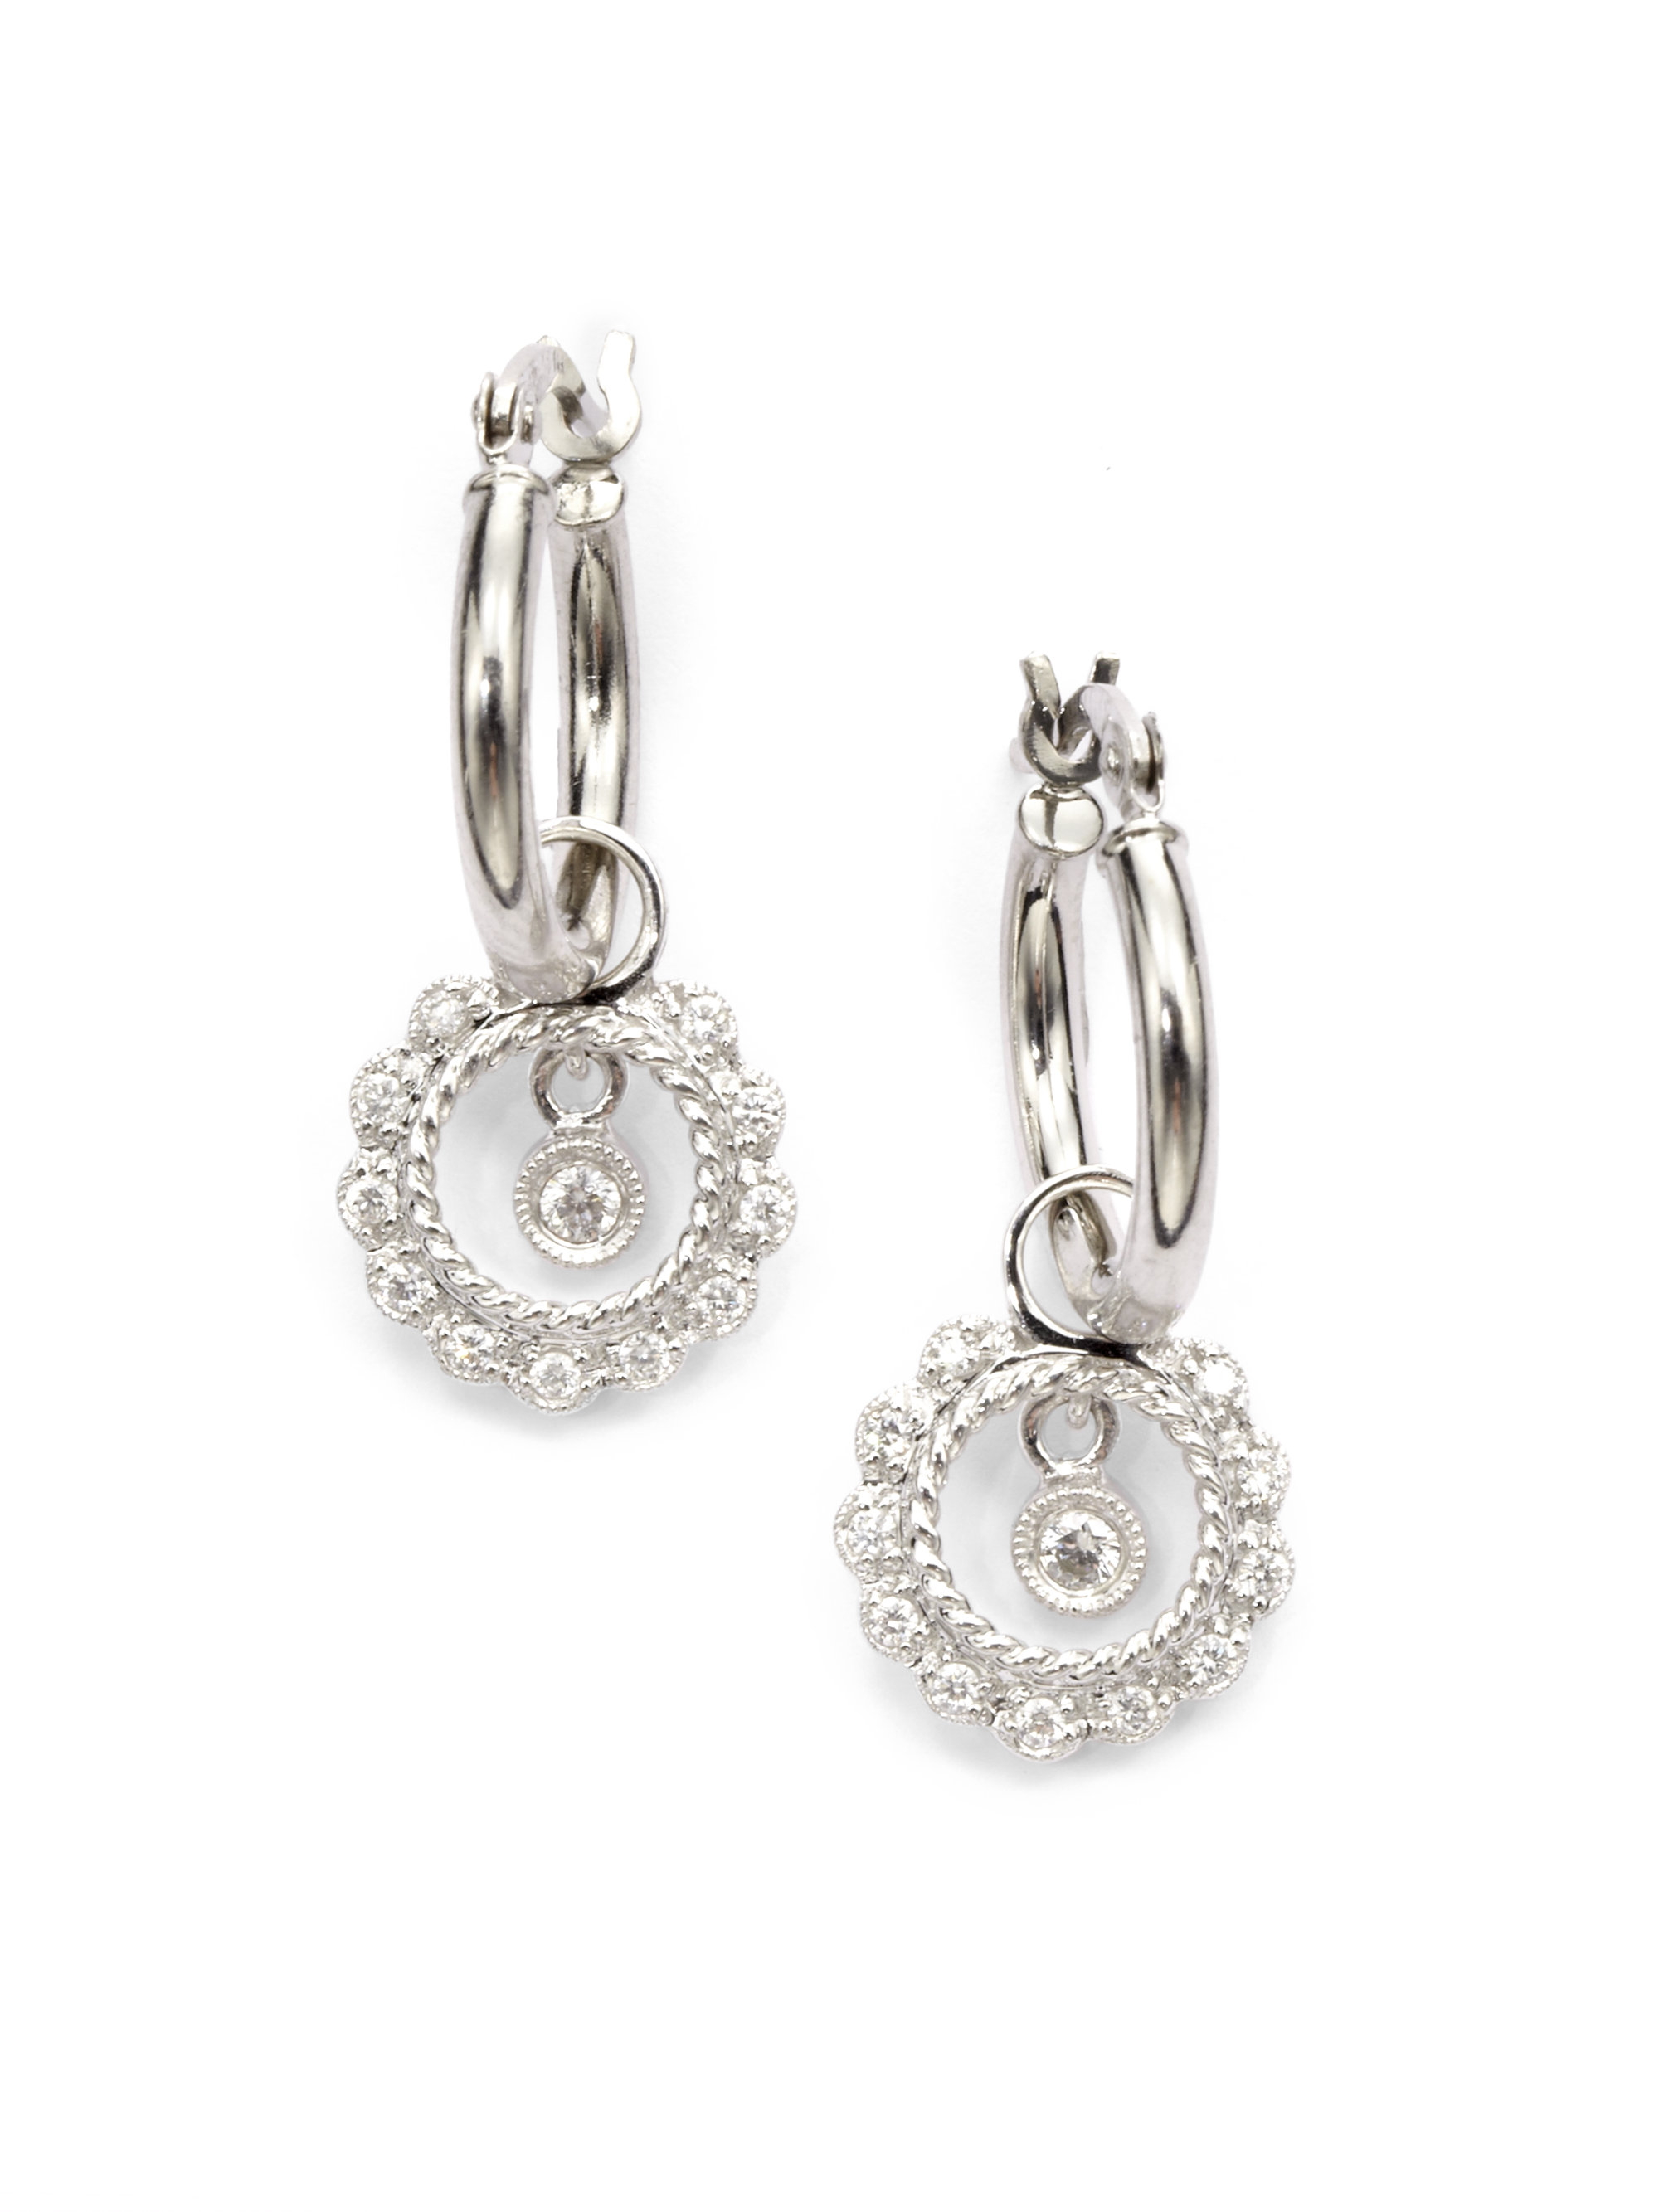 Kc designs Diamond Circle Charm Hoop Earrings in Metallic